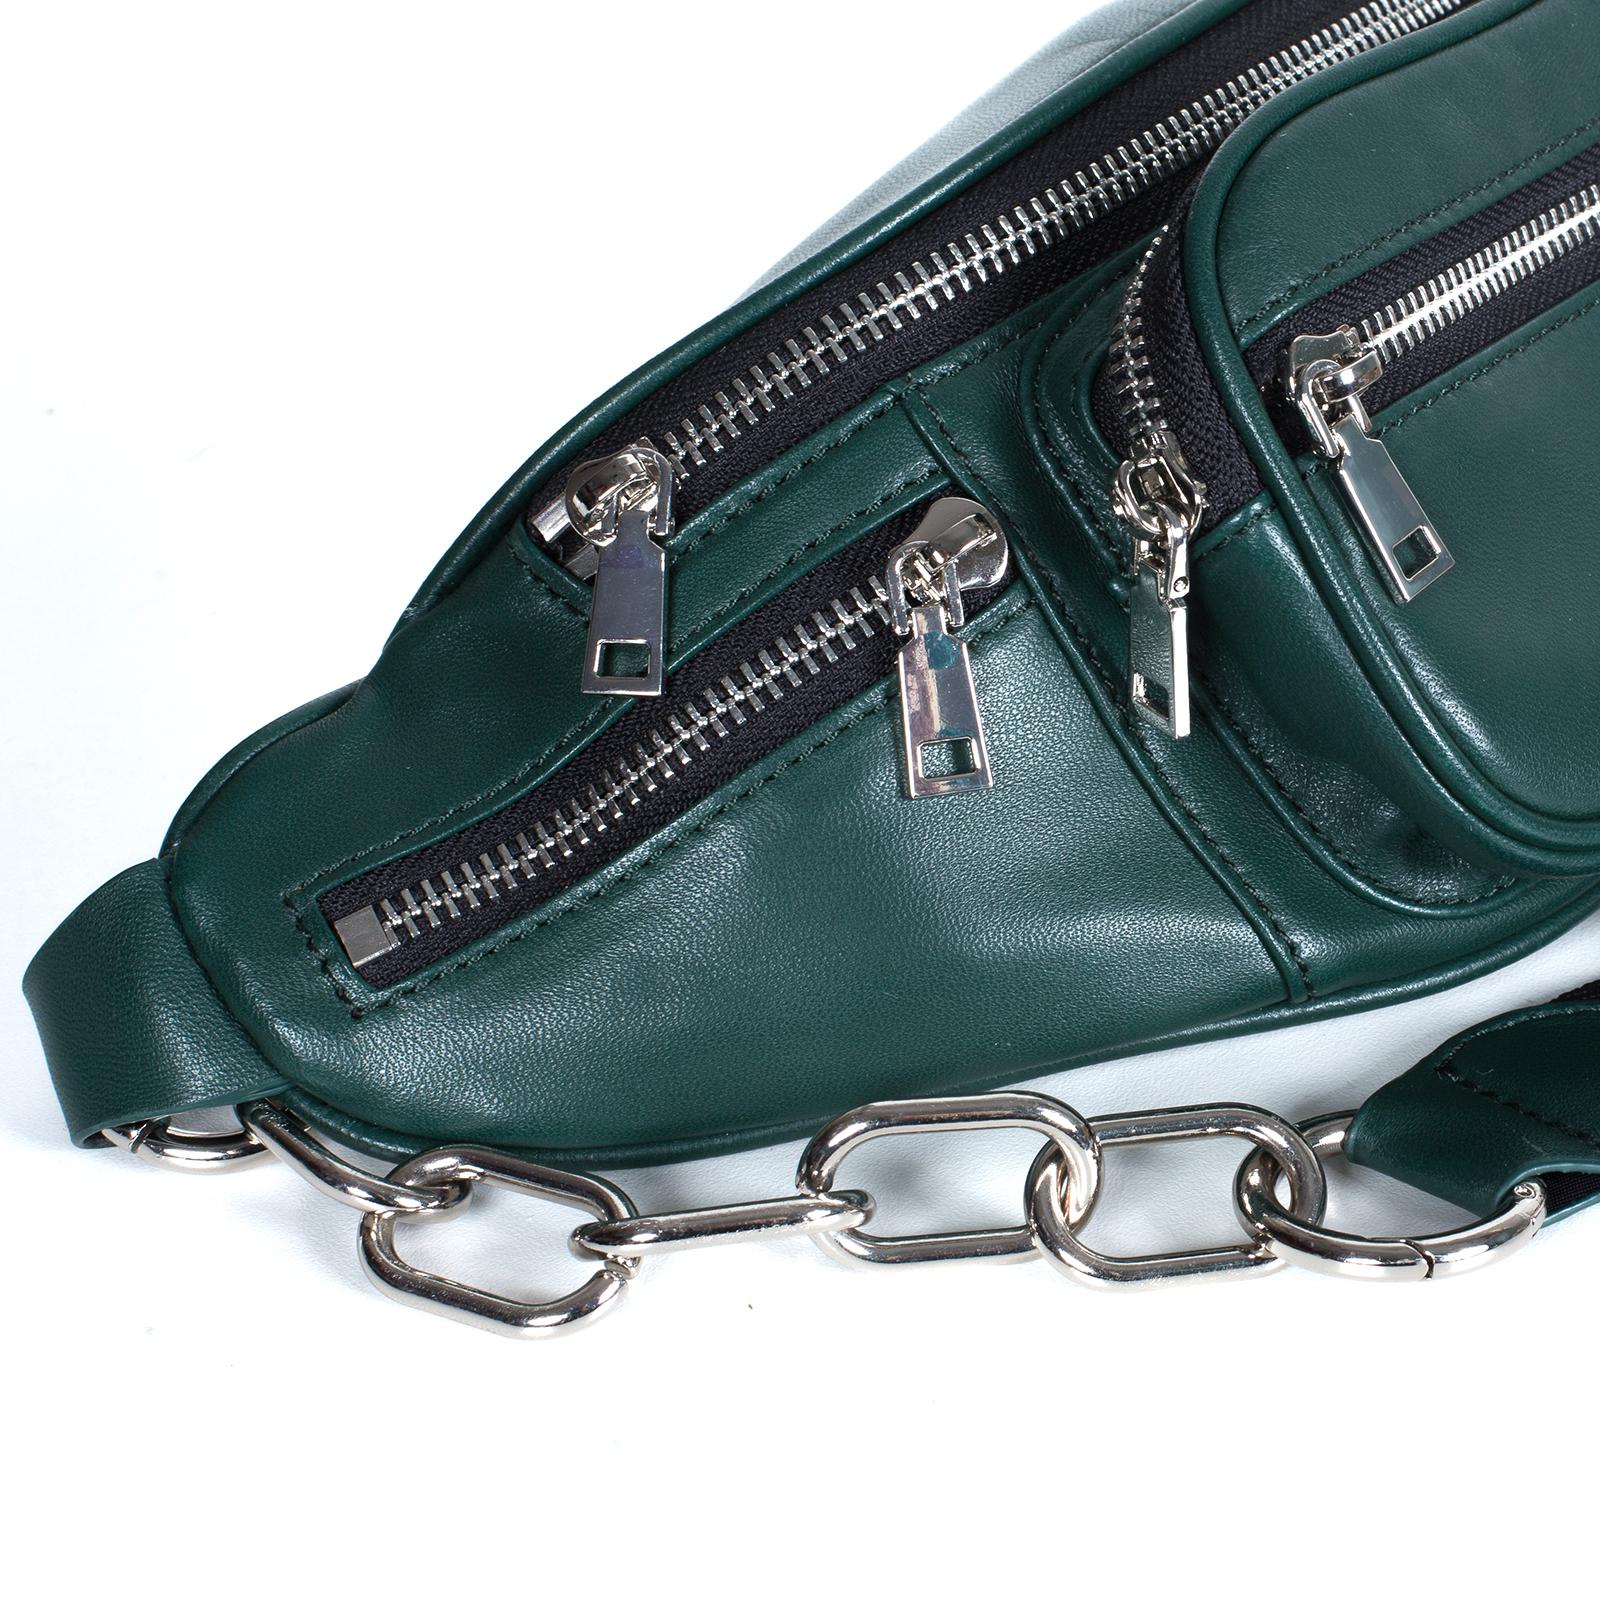 Fanny pack, UNO, Dina (зеленый)